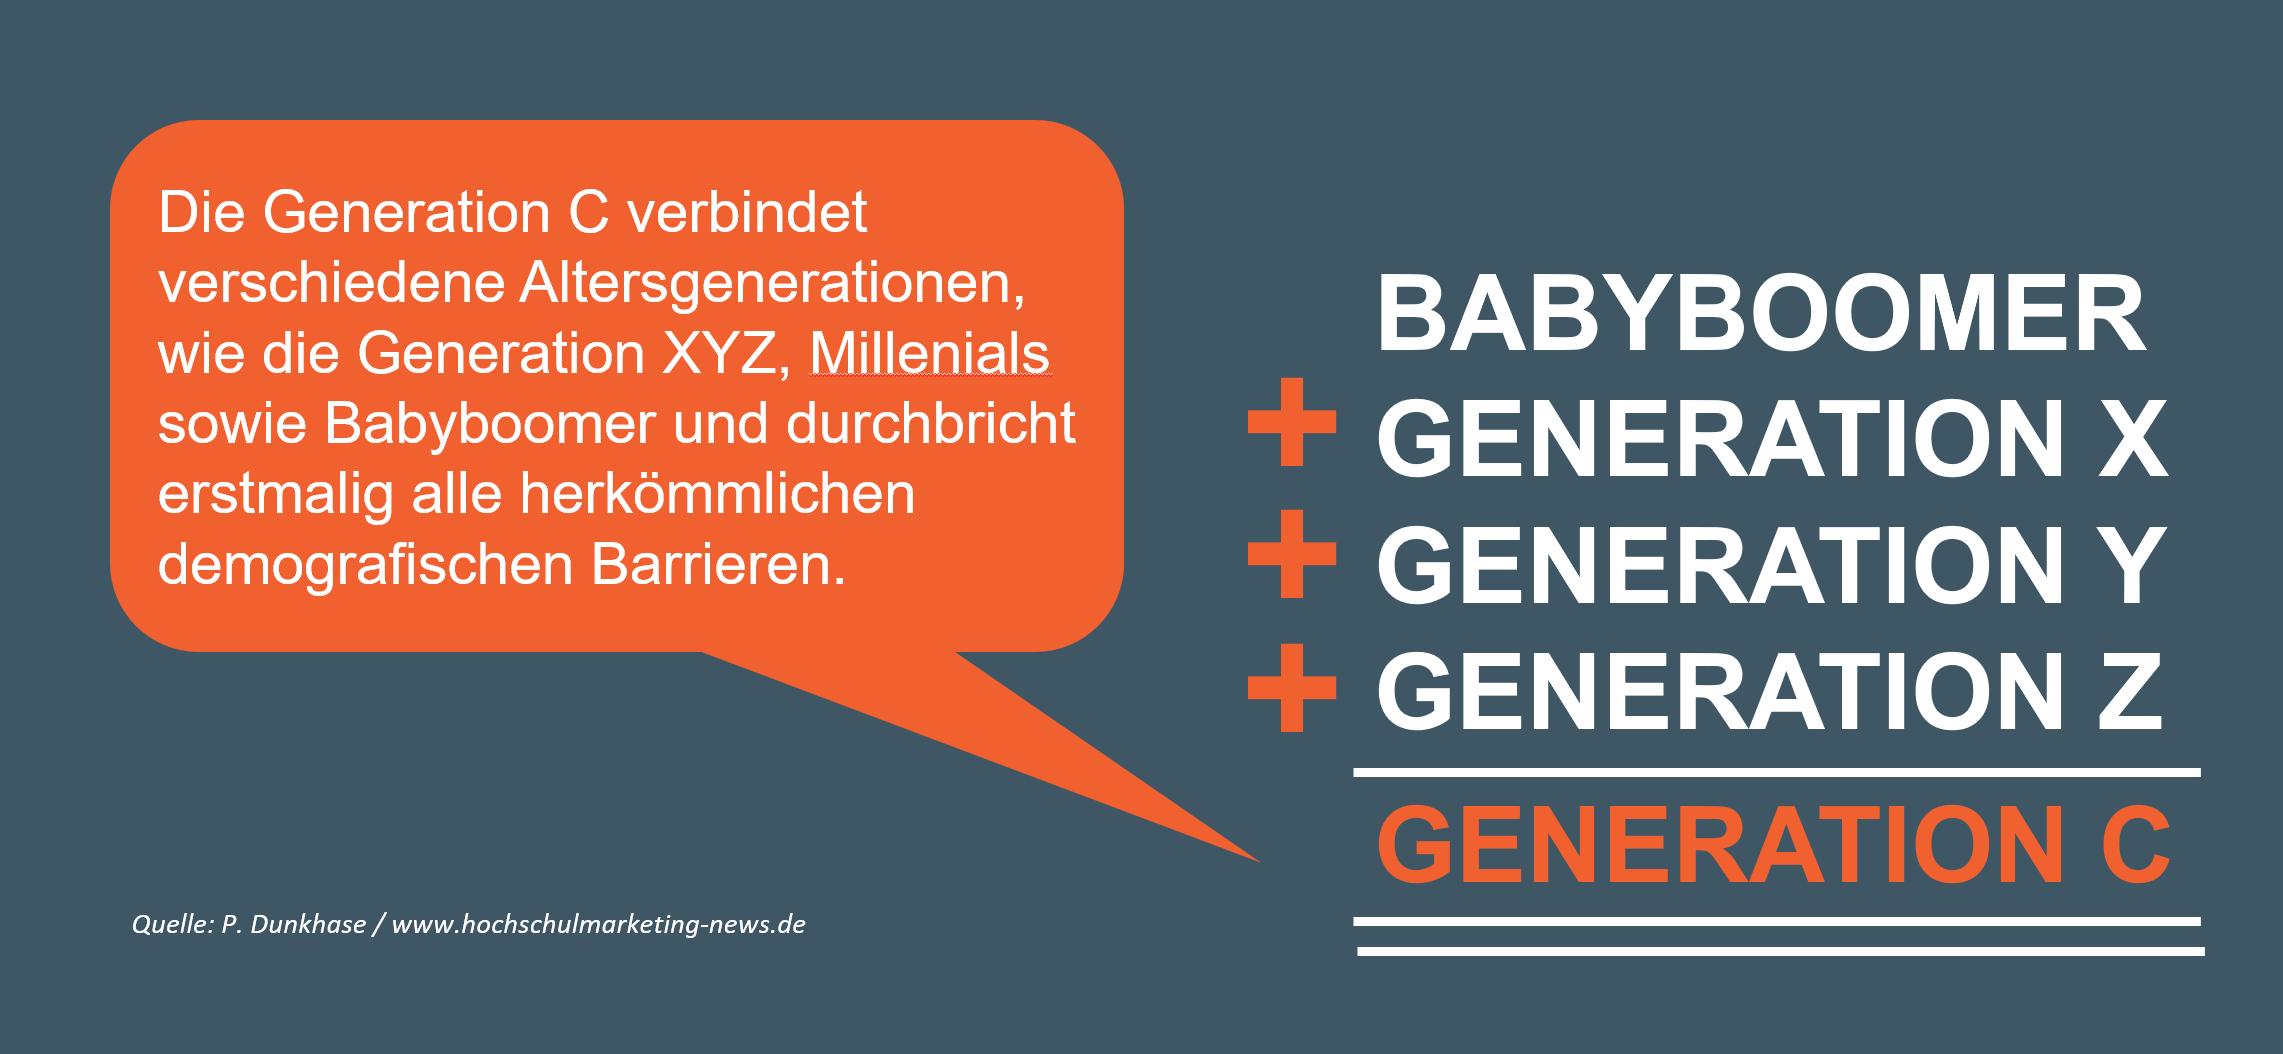 Generation C Zielgruppe